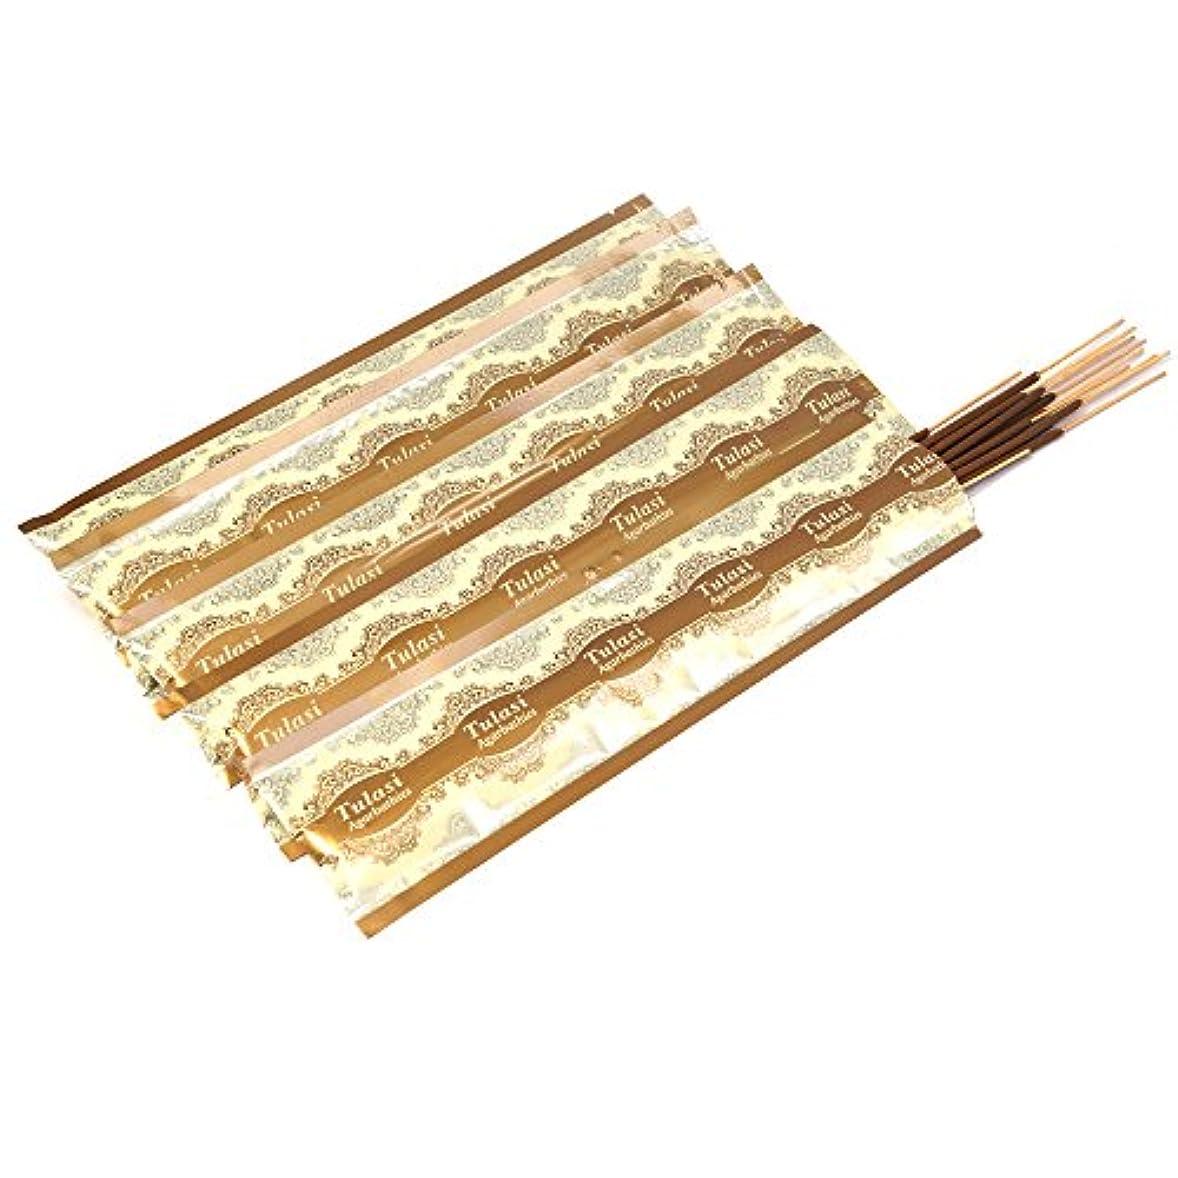 比率ご注意区別Free Nag Champa variety Gift Pack in Herbal TreatジャンボAgarbatti | Incense Sticks Set of 15 Fragrances by Ikshvaku